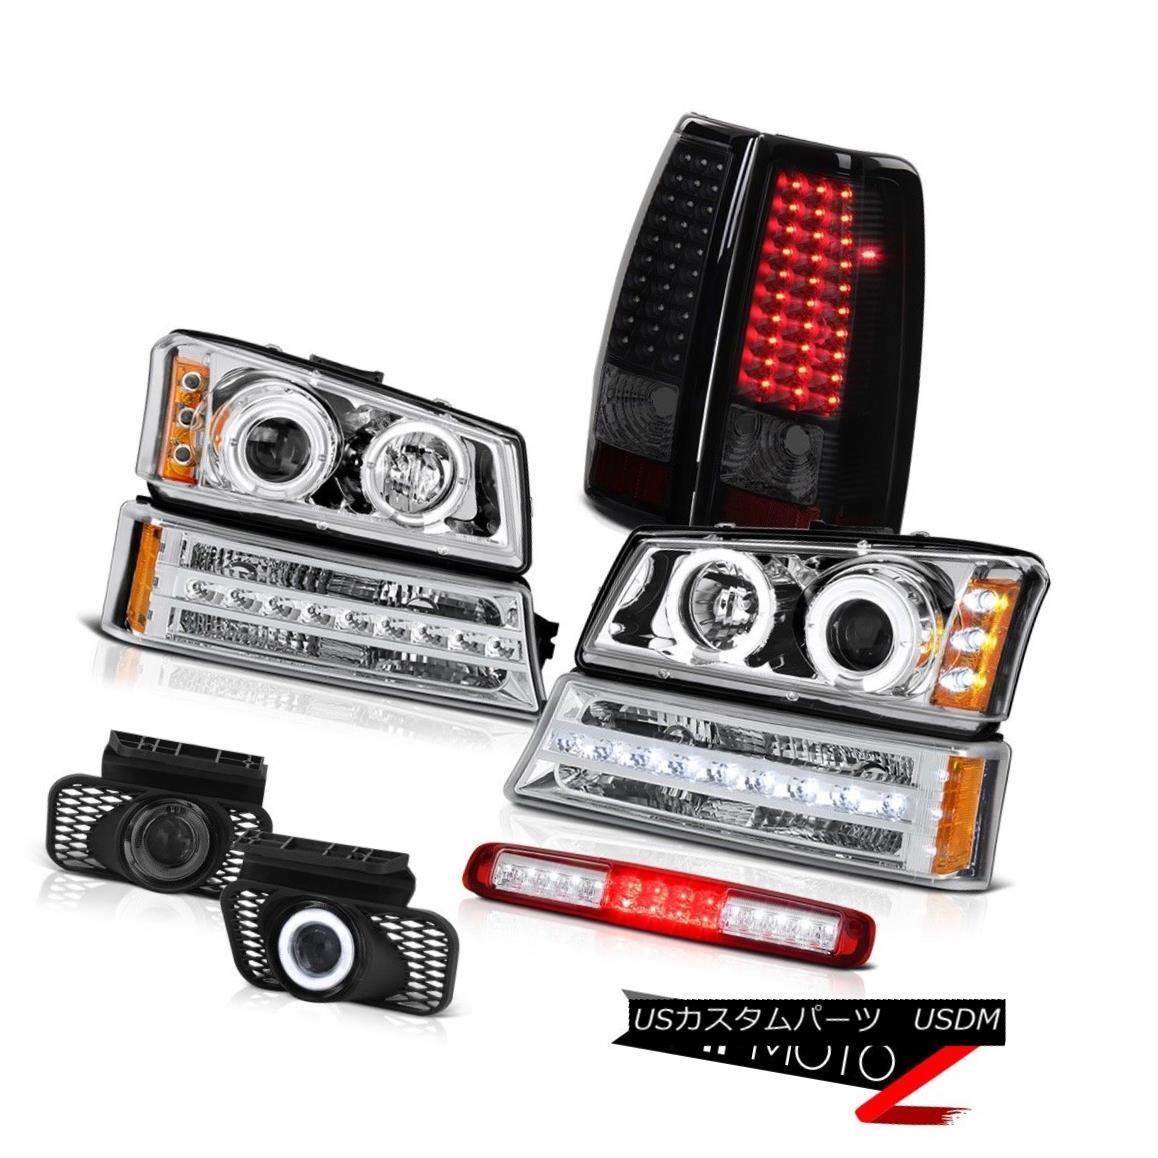 テールライト 03-06 Silverado 1500 3RD Brake Light Fog Lights Parking Lamp Tail Headlamps SMD 03-06 Silverado 1500 3RDブレーキライトフォグライトパーキングランプテールヘッドランプSMD